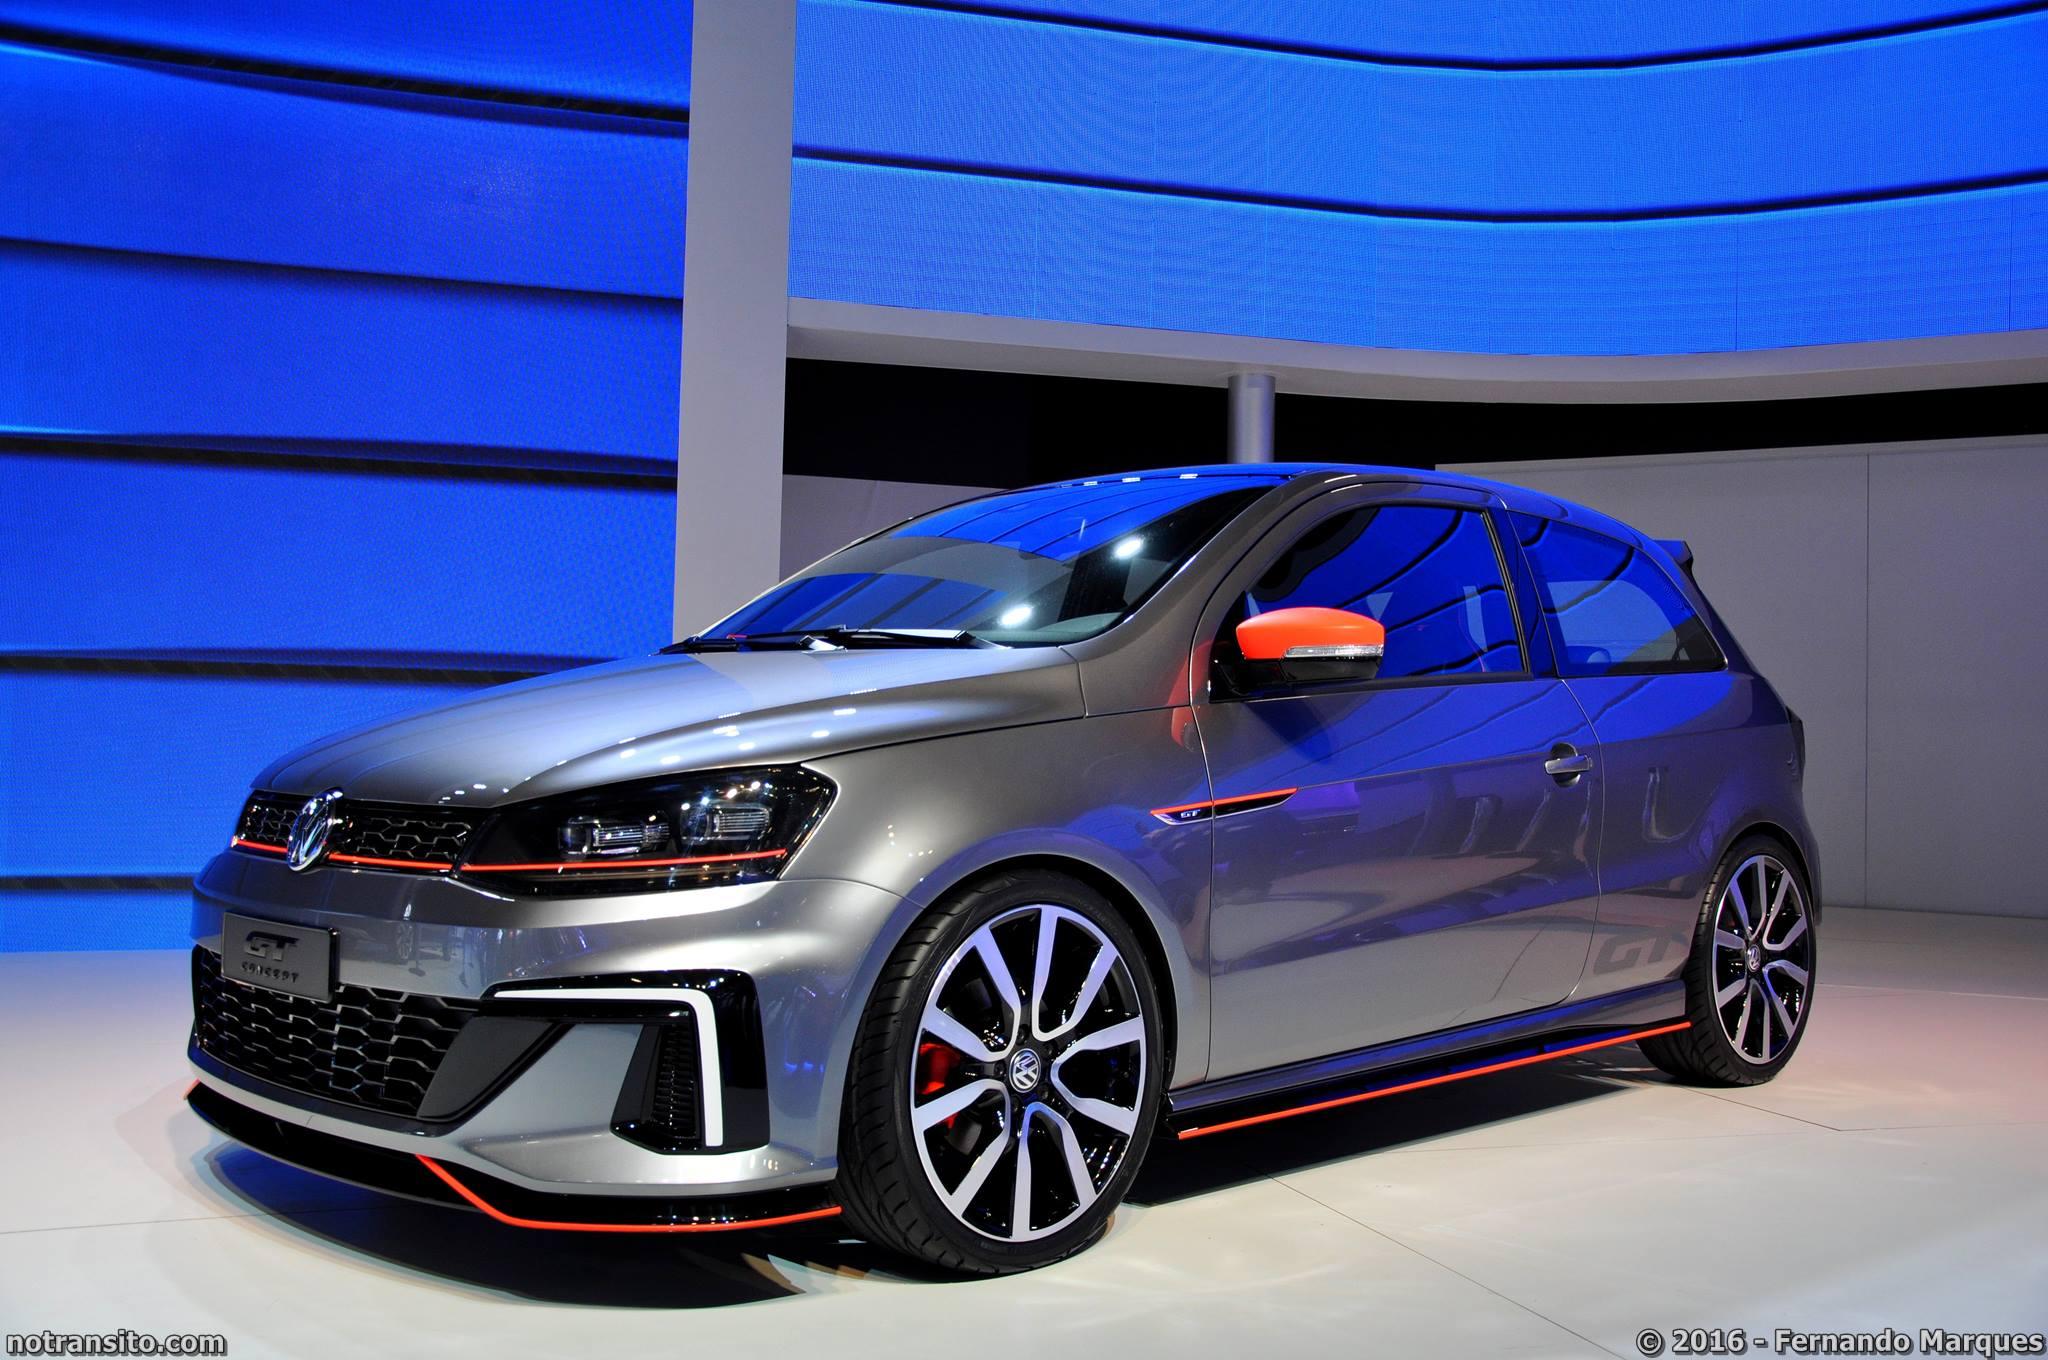 O Gol GT foi apresentado no último Salão do Automóvel e foi um dos veículos mais comentados do evento.